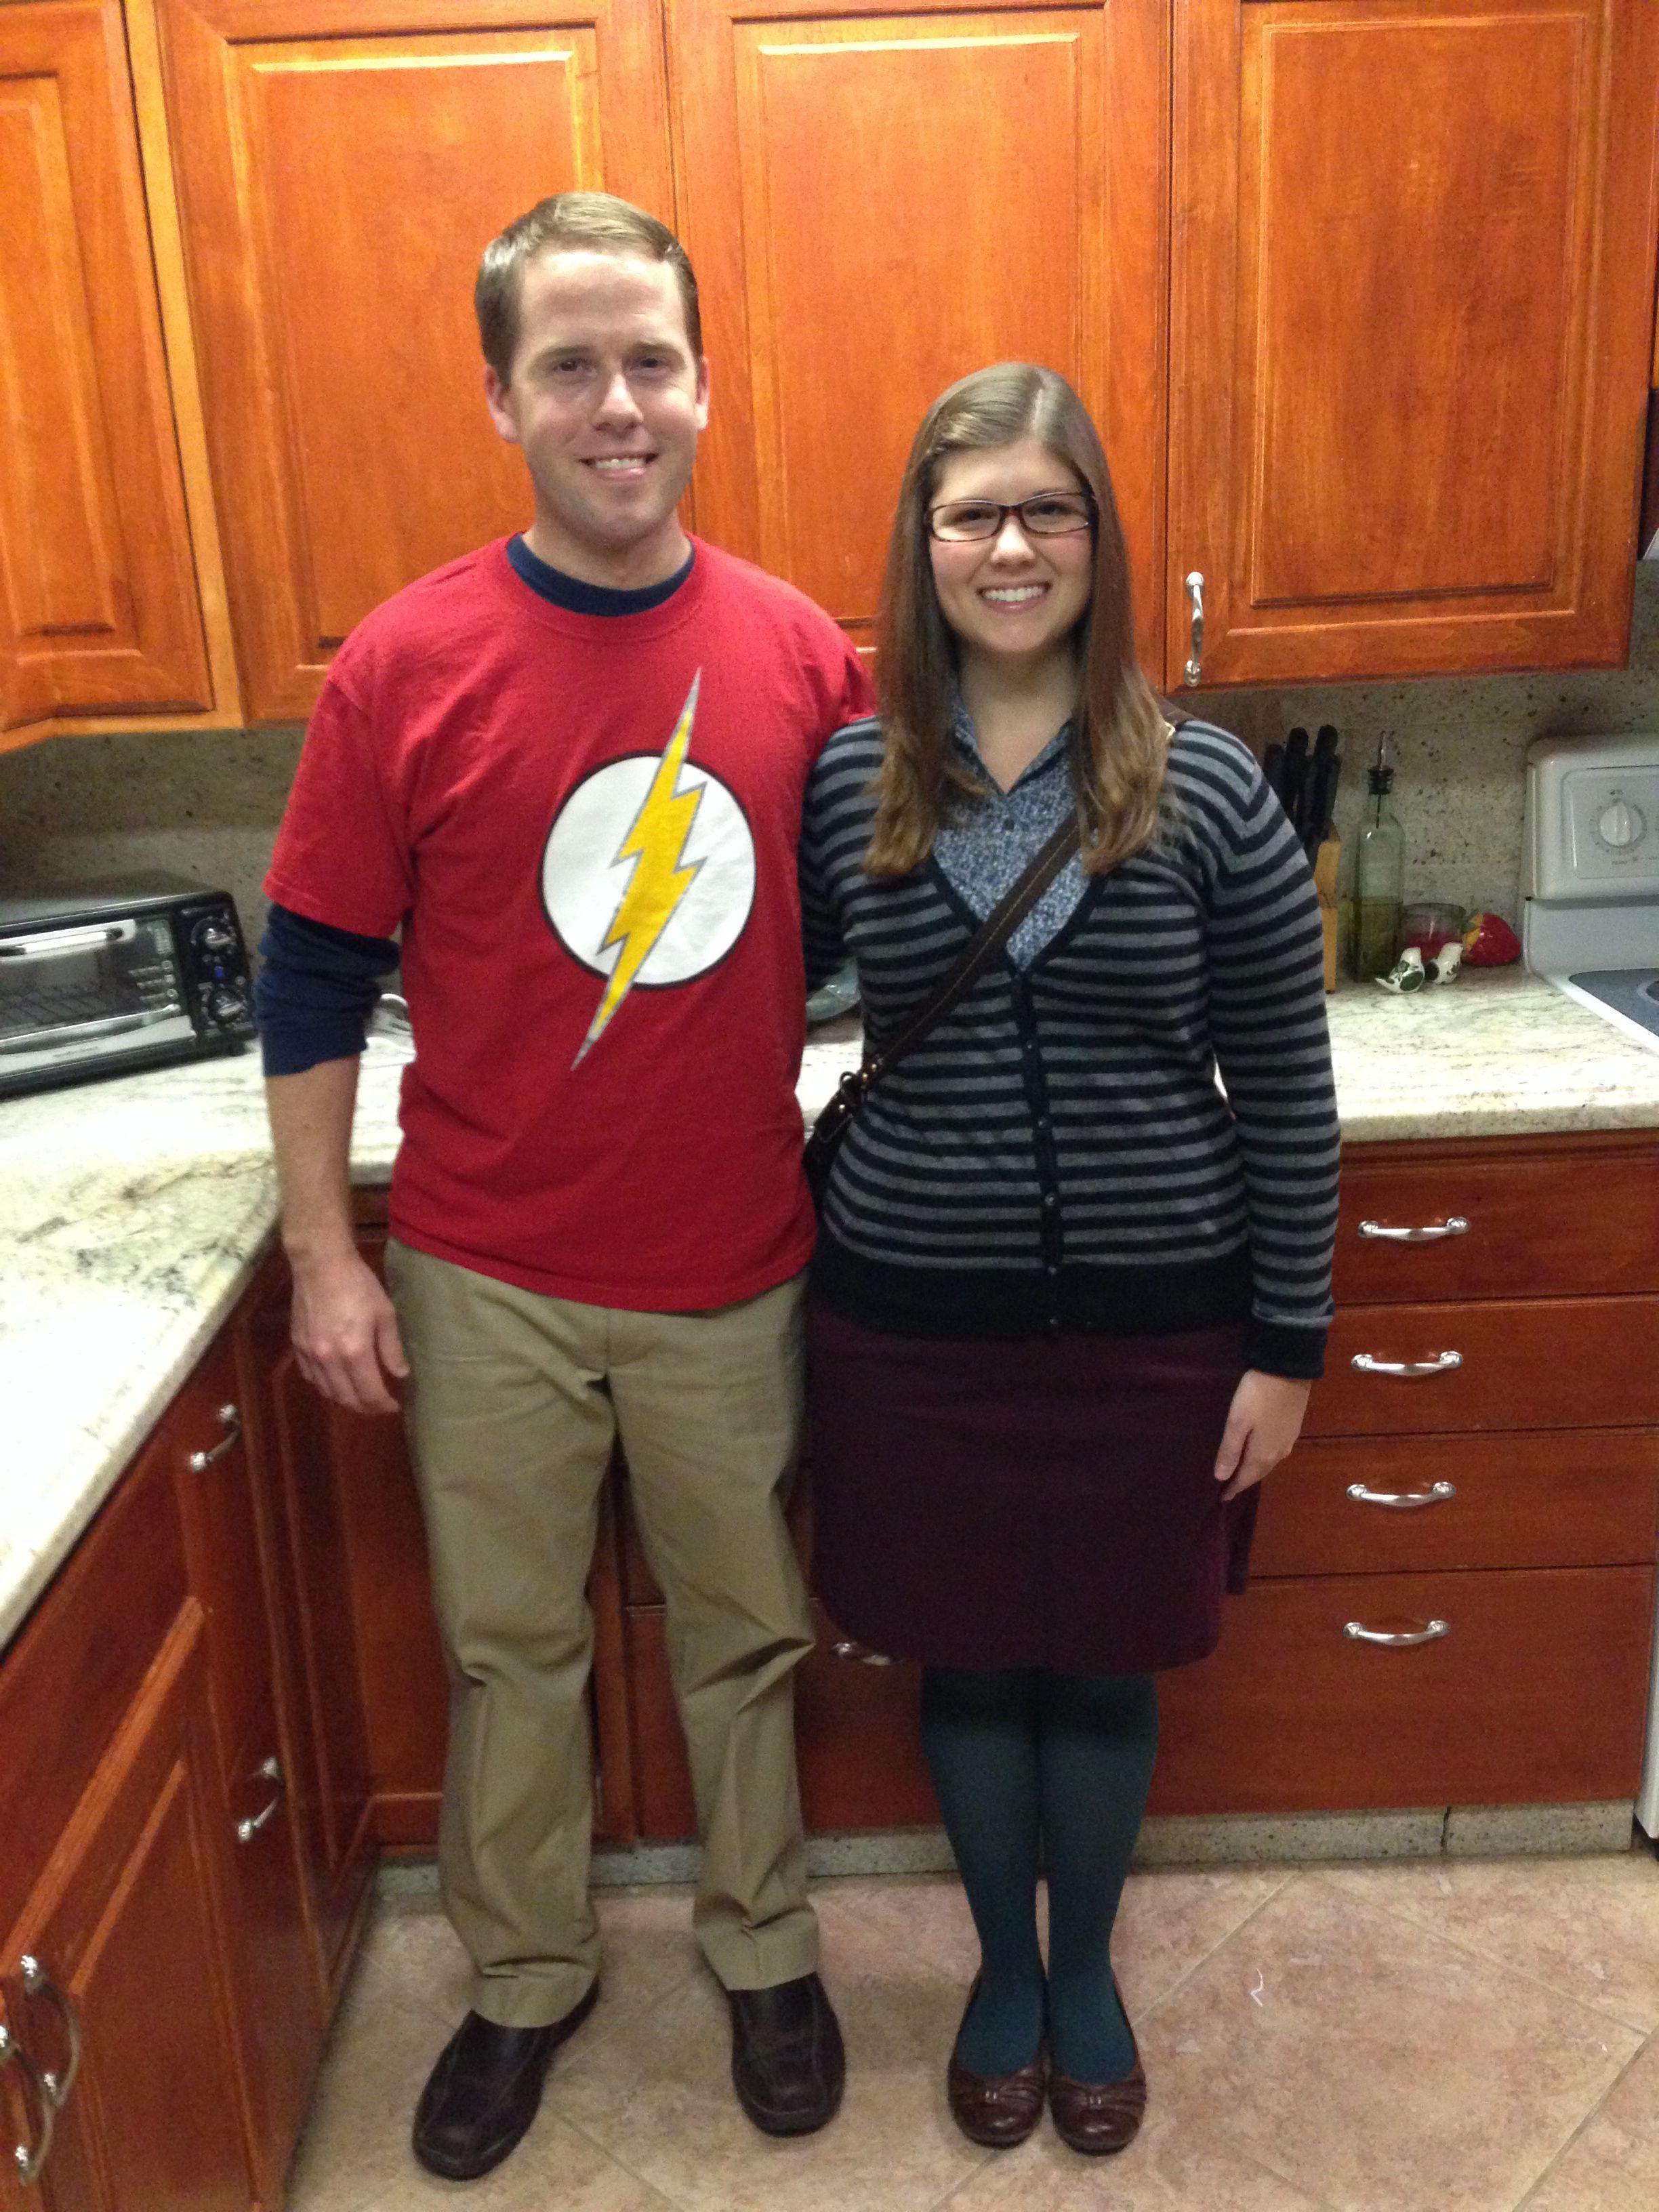 Sheldon and Amy Halloween Couples Costume #BigBangTheory